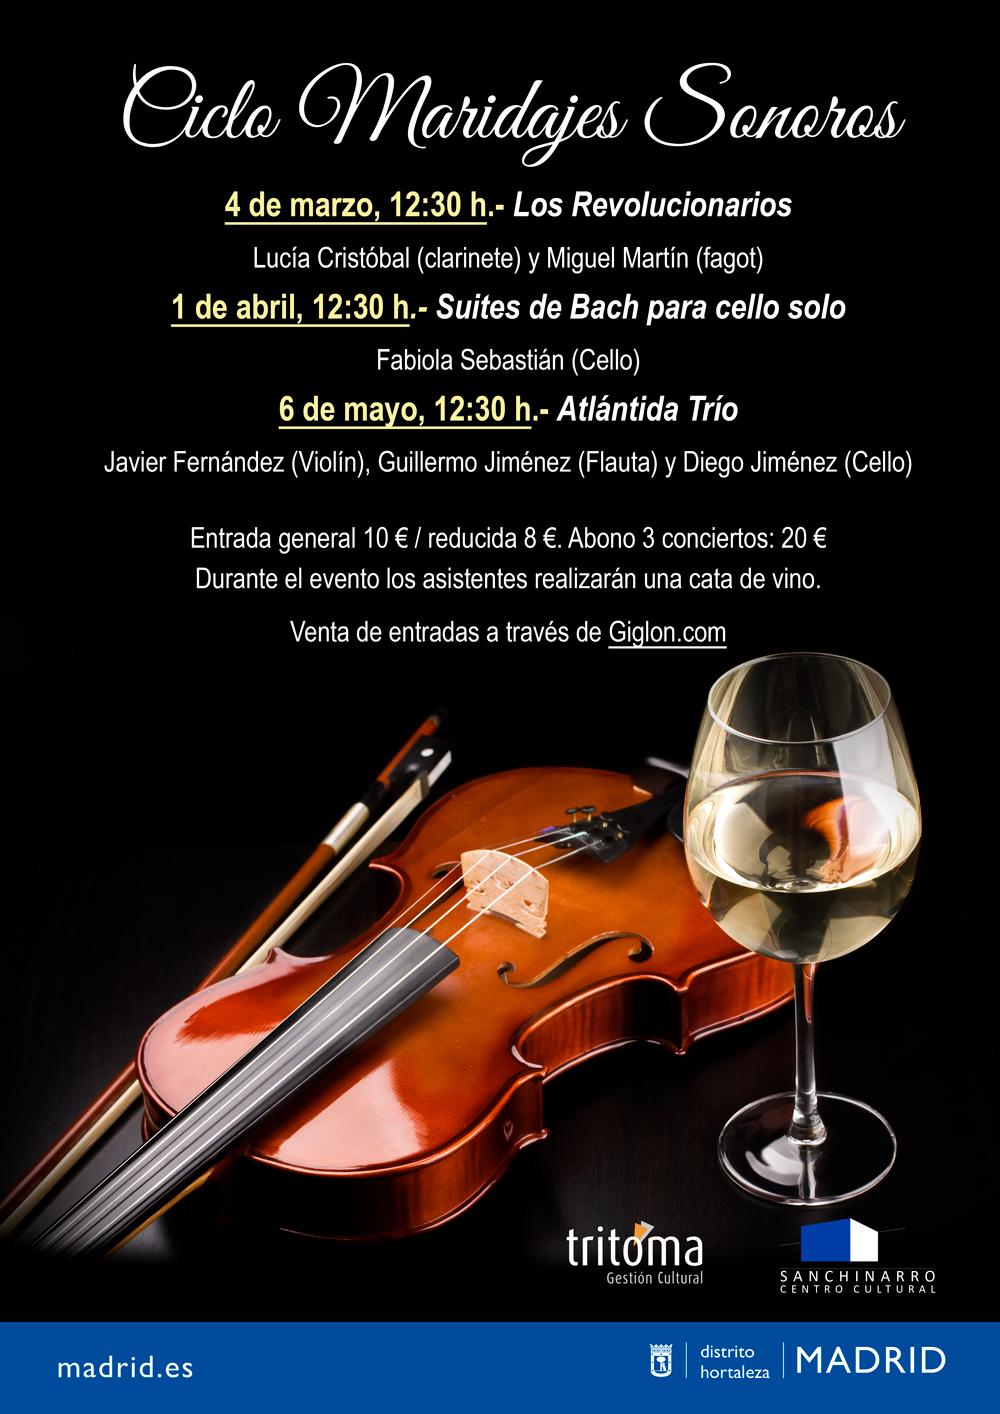 Suites de Bach para cello solo Fabiola Sebastián